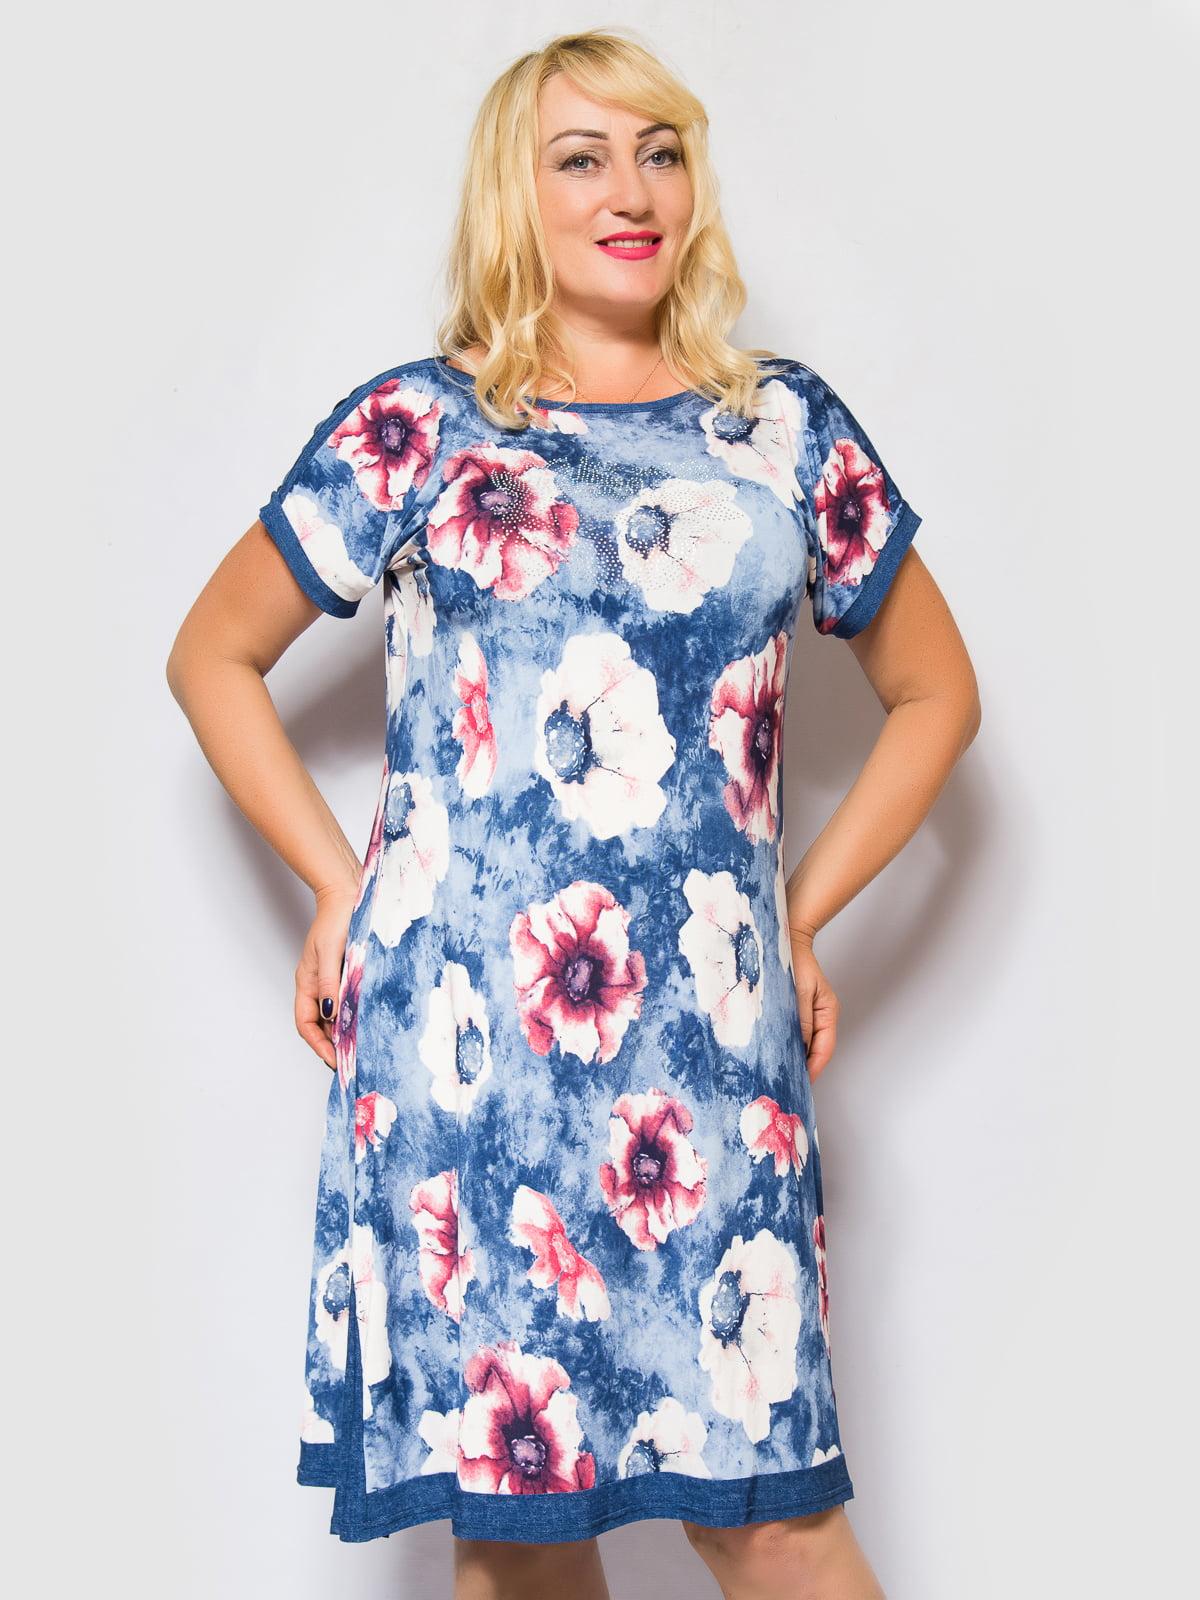 Сукня синя з квітковим принтом   4469254   фото 4